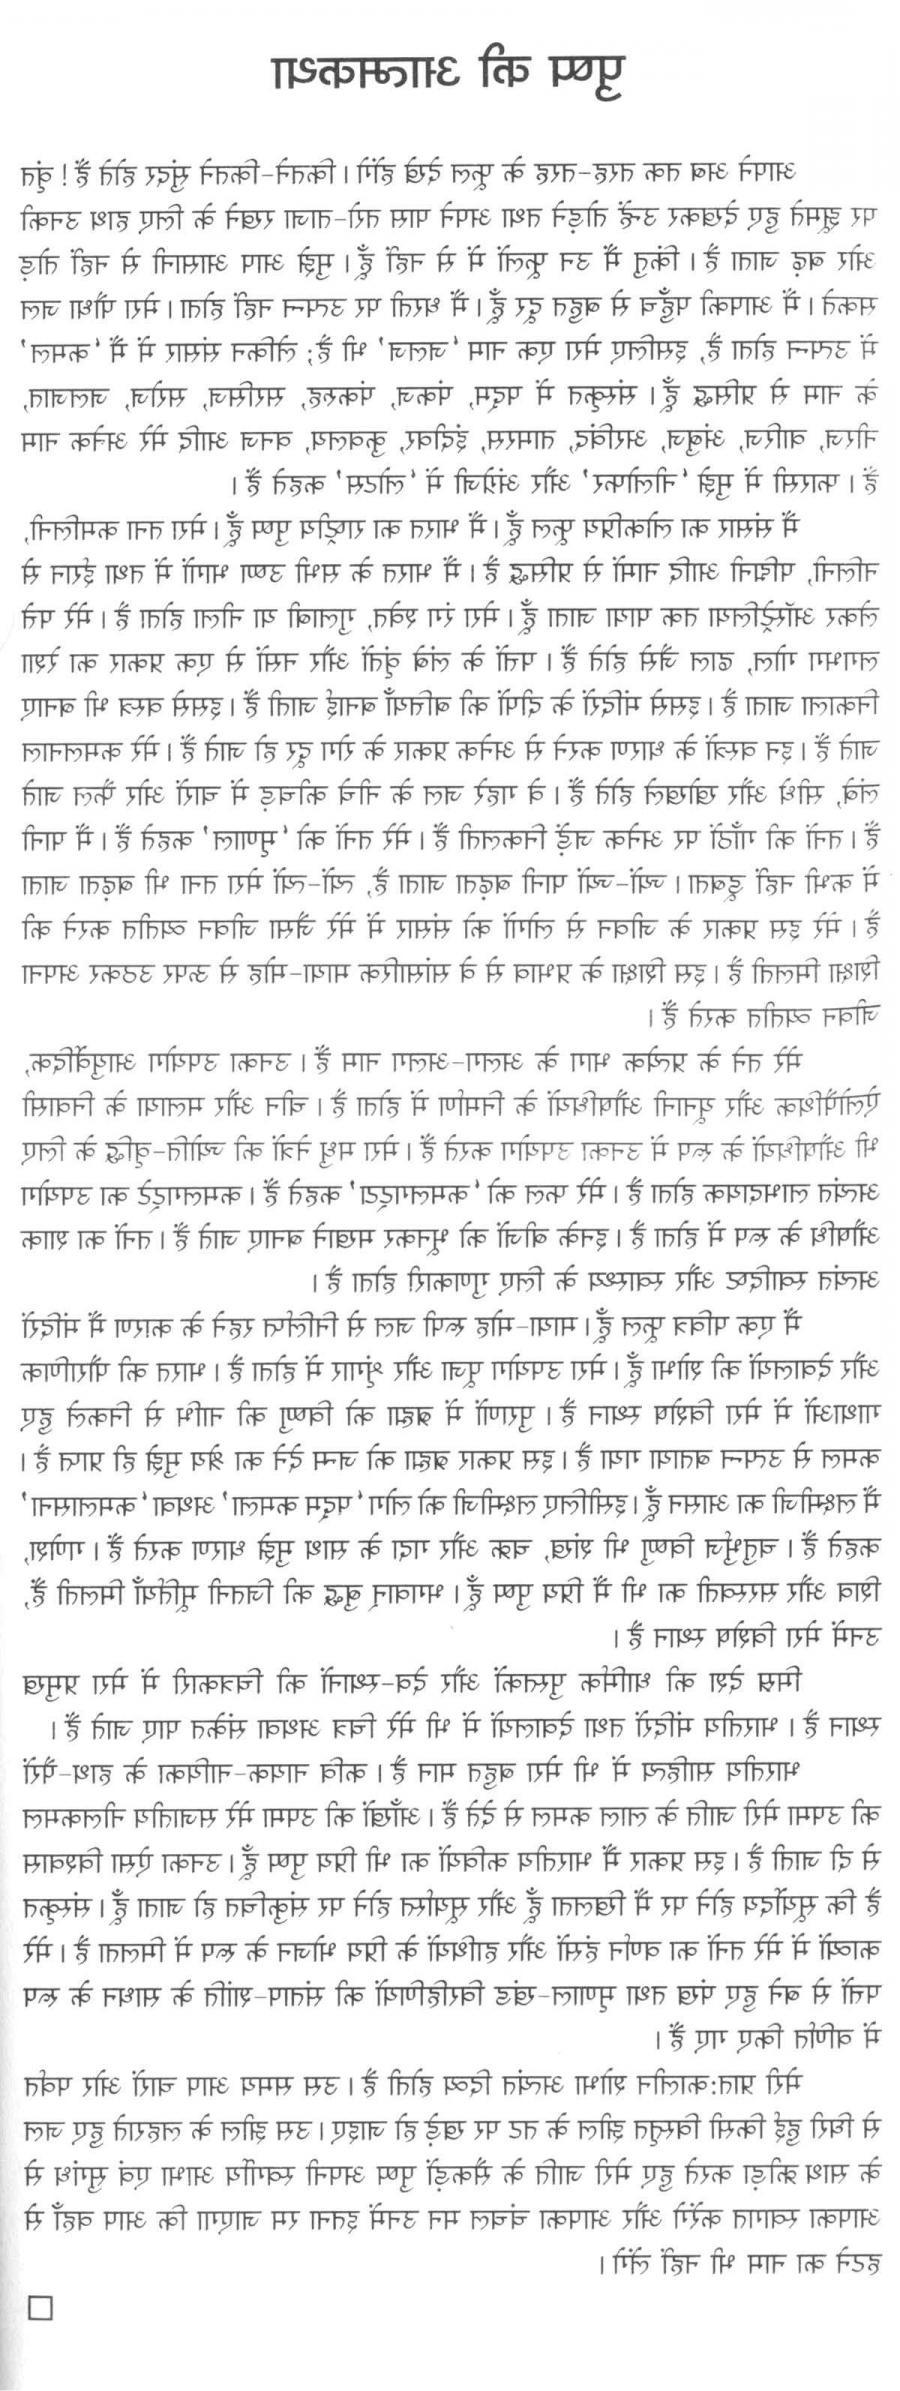 hindi essay on flowers छतरी की आत्मकथा पर निबंध |essay on autobiography of umbrella in hindi  मैं हूँ छतरी । बरसात प्रारम्भ होते ही मनुष्यों की सबसे.